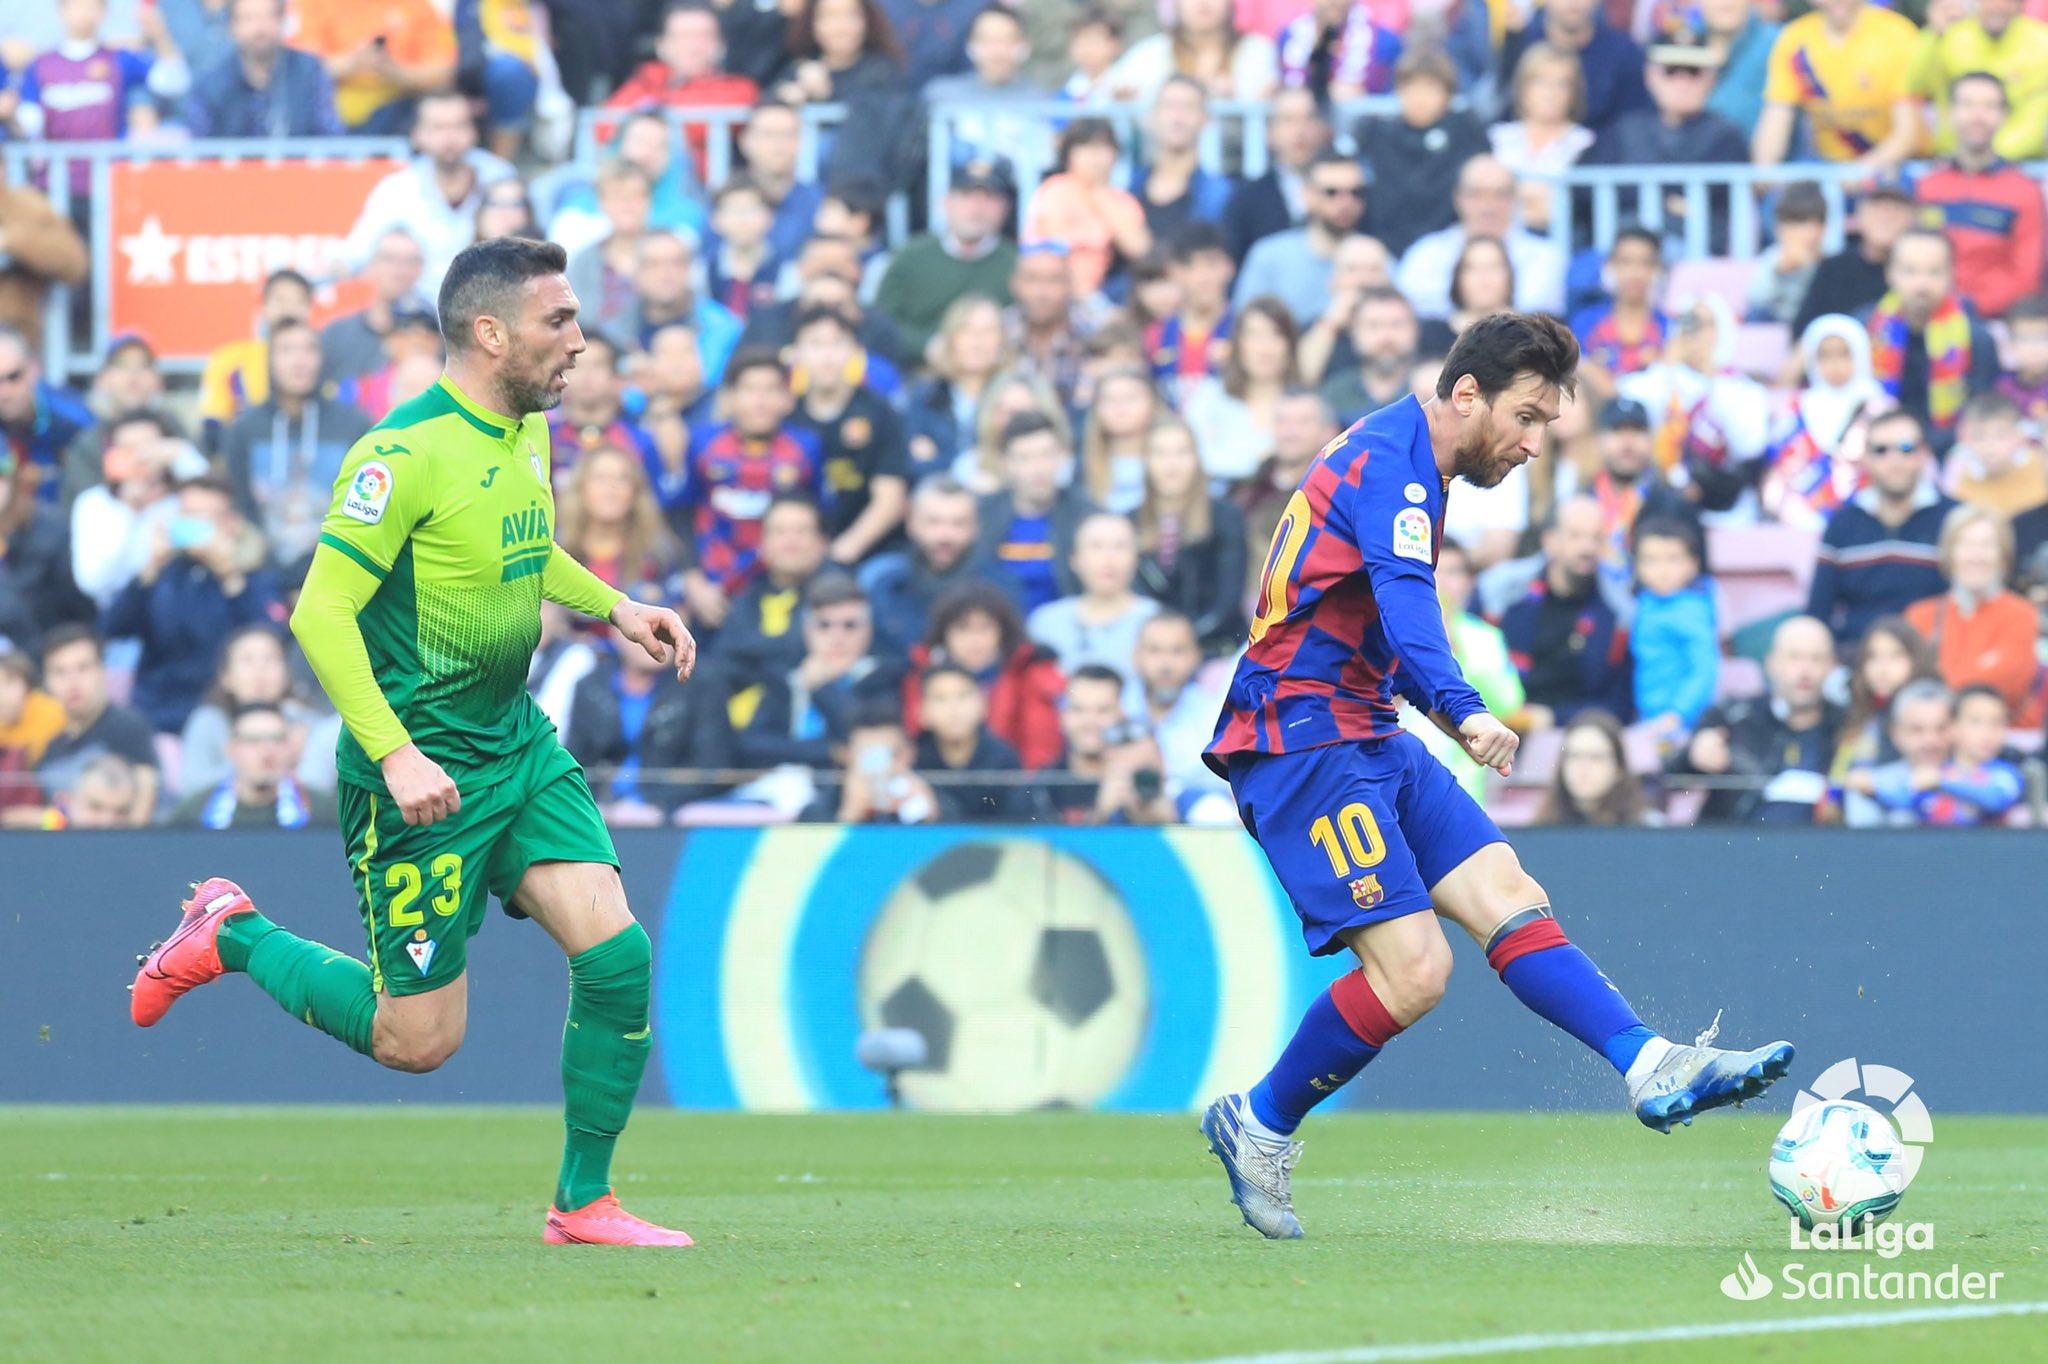 Se complica que Messi llegue al City. Foto: Twitter